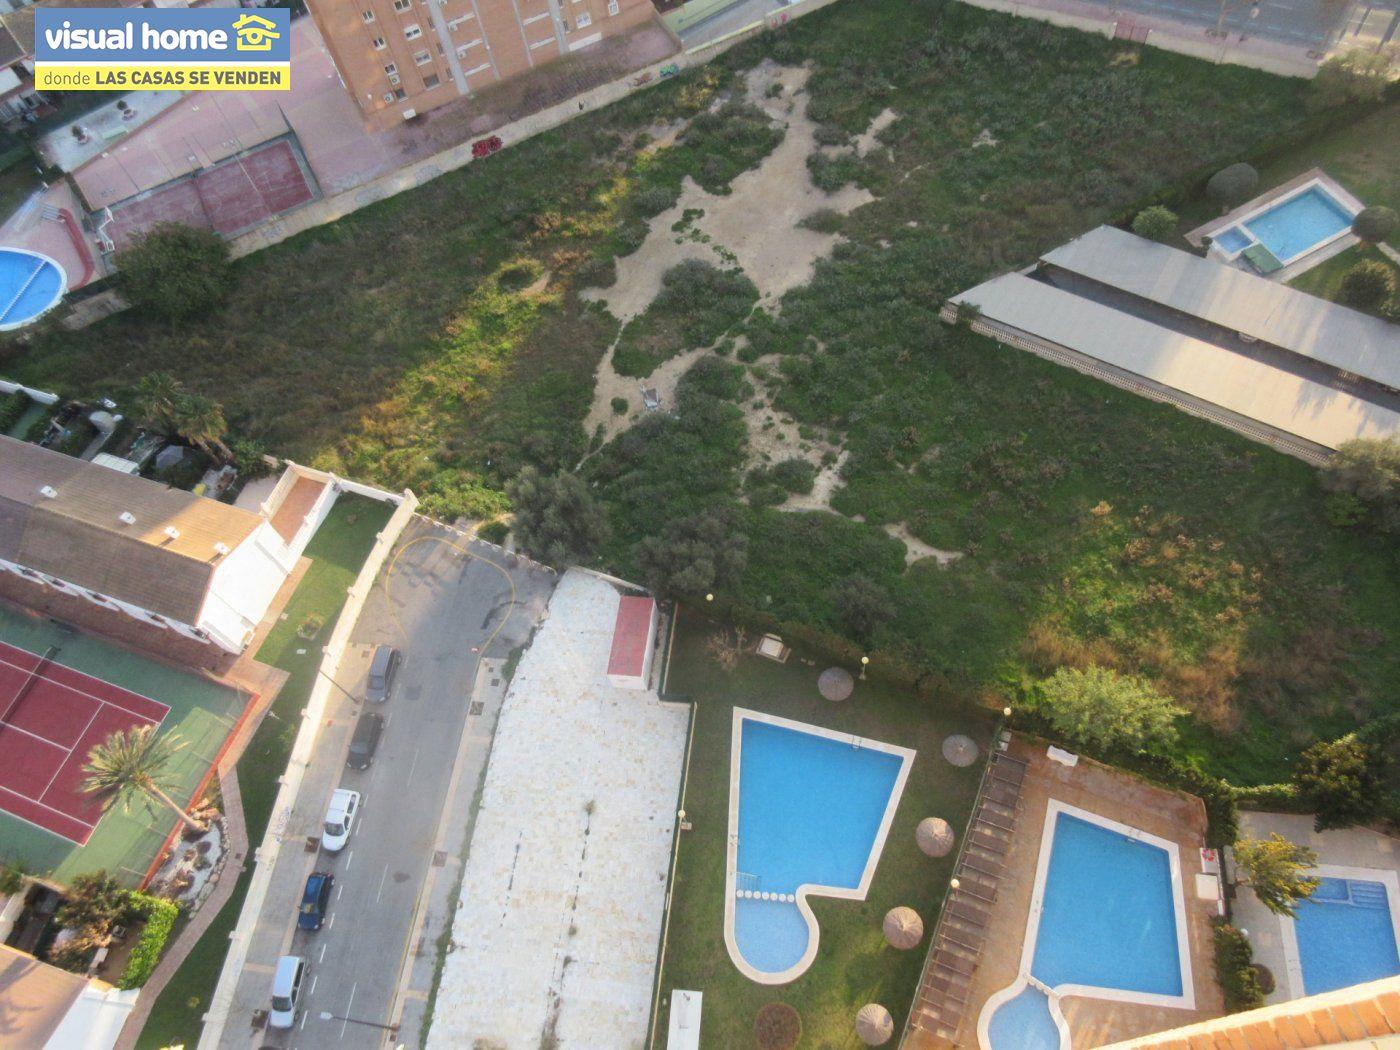 Apartamento 1 dormitorio con vistas espectaculares con parking y piscina en Rincón de Loix llano 30